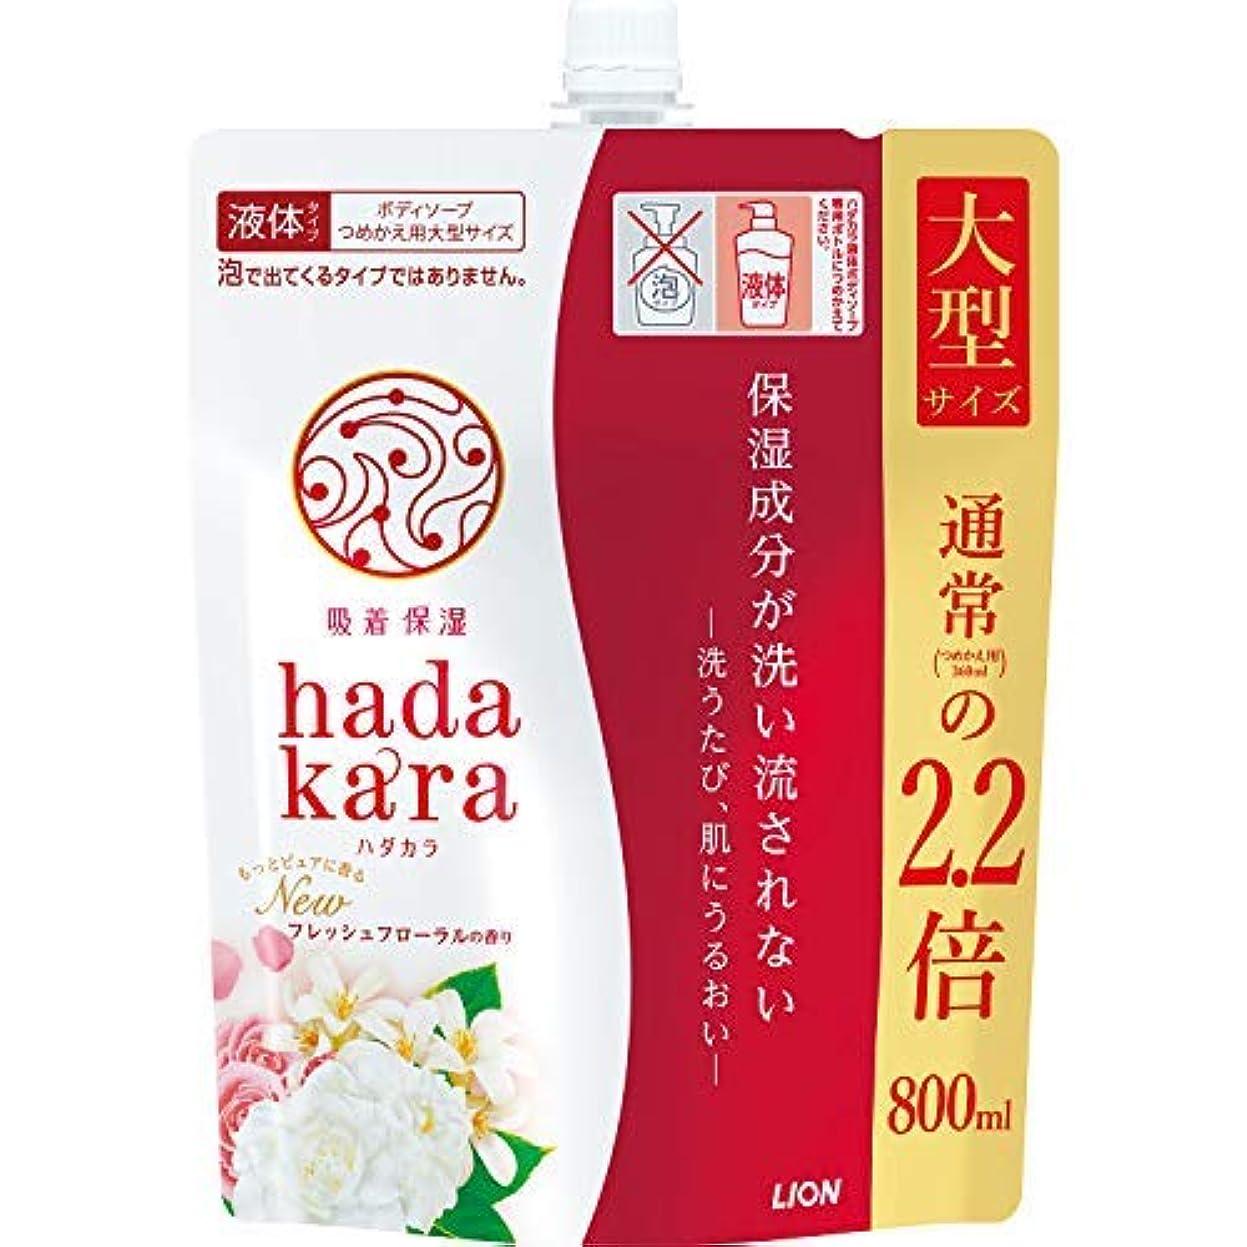 晴れ争う自動車hadakara(ハダカラ)ボディソープ フレッシュフローラルの香り 詰替え用 大型サイズ 800ml × 5個セット